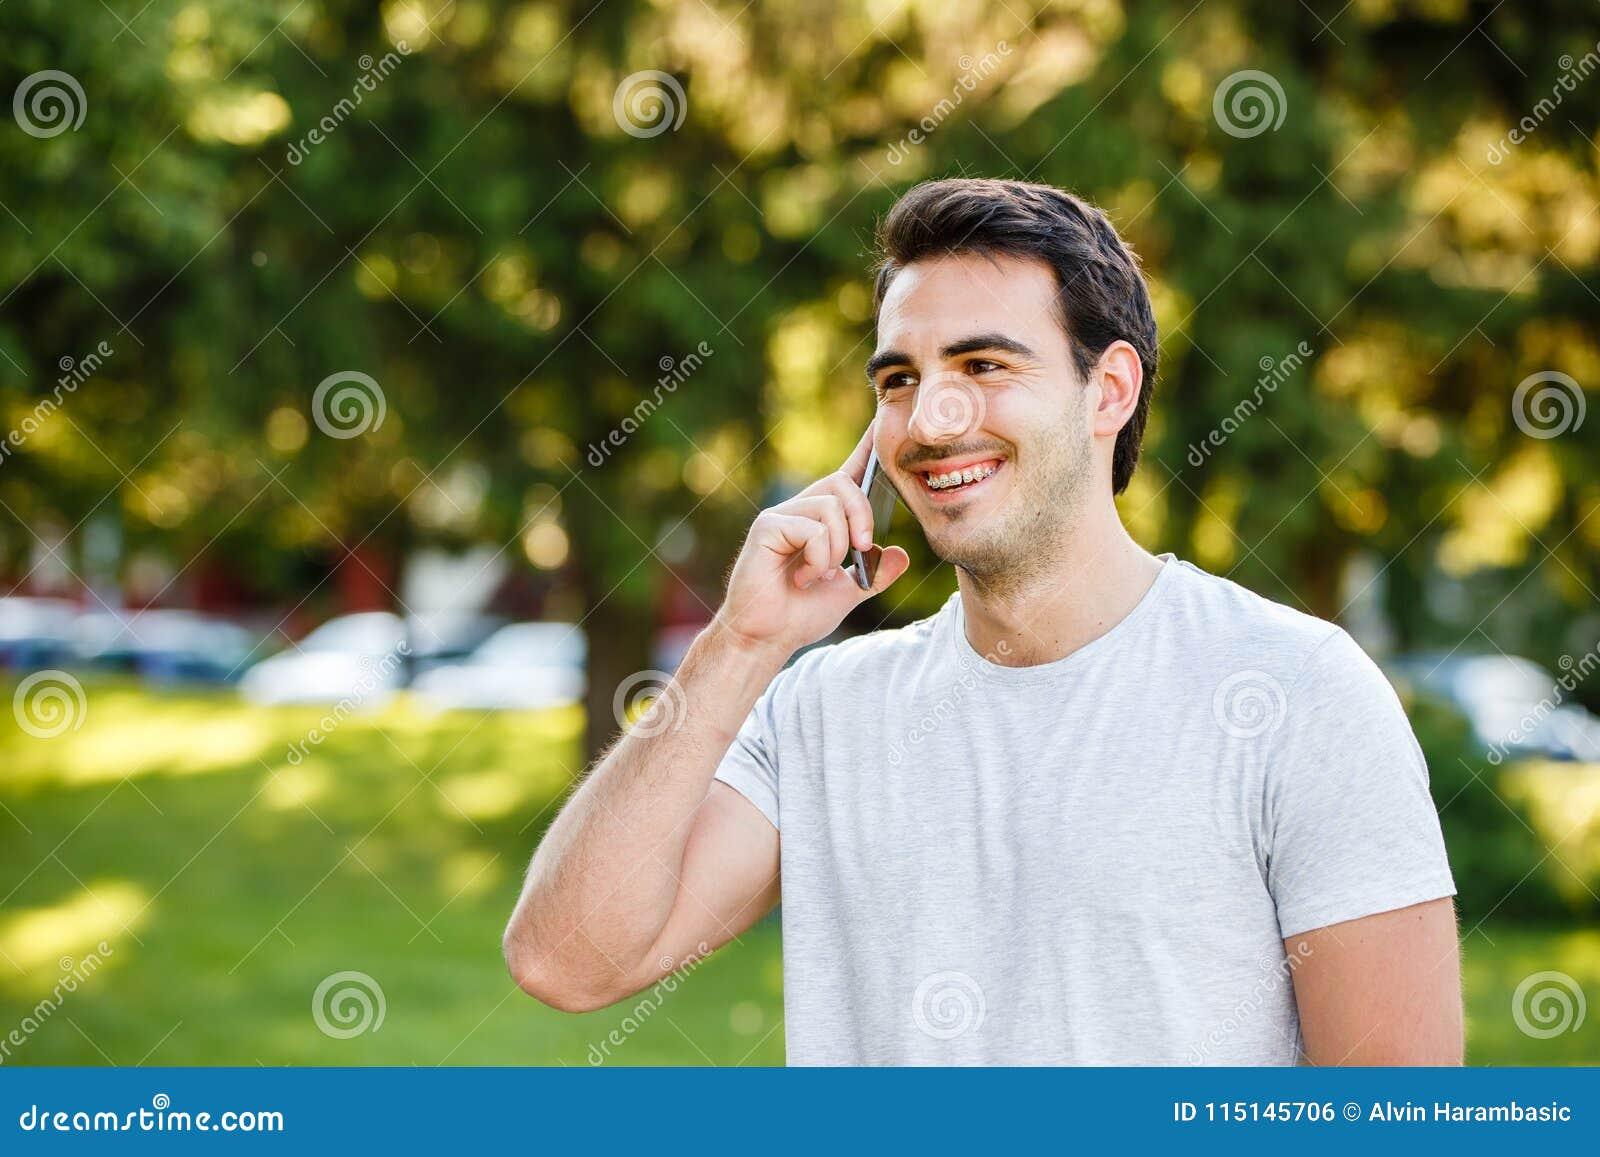 Przystojny młody człowiek w parkowym talkig na jego telefonie